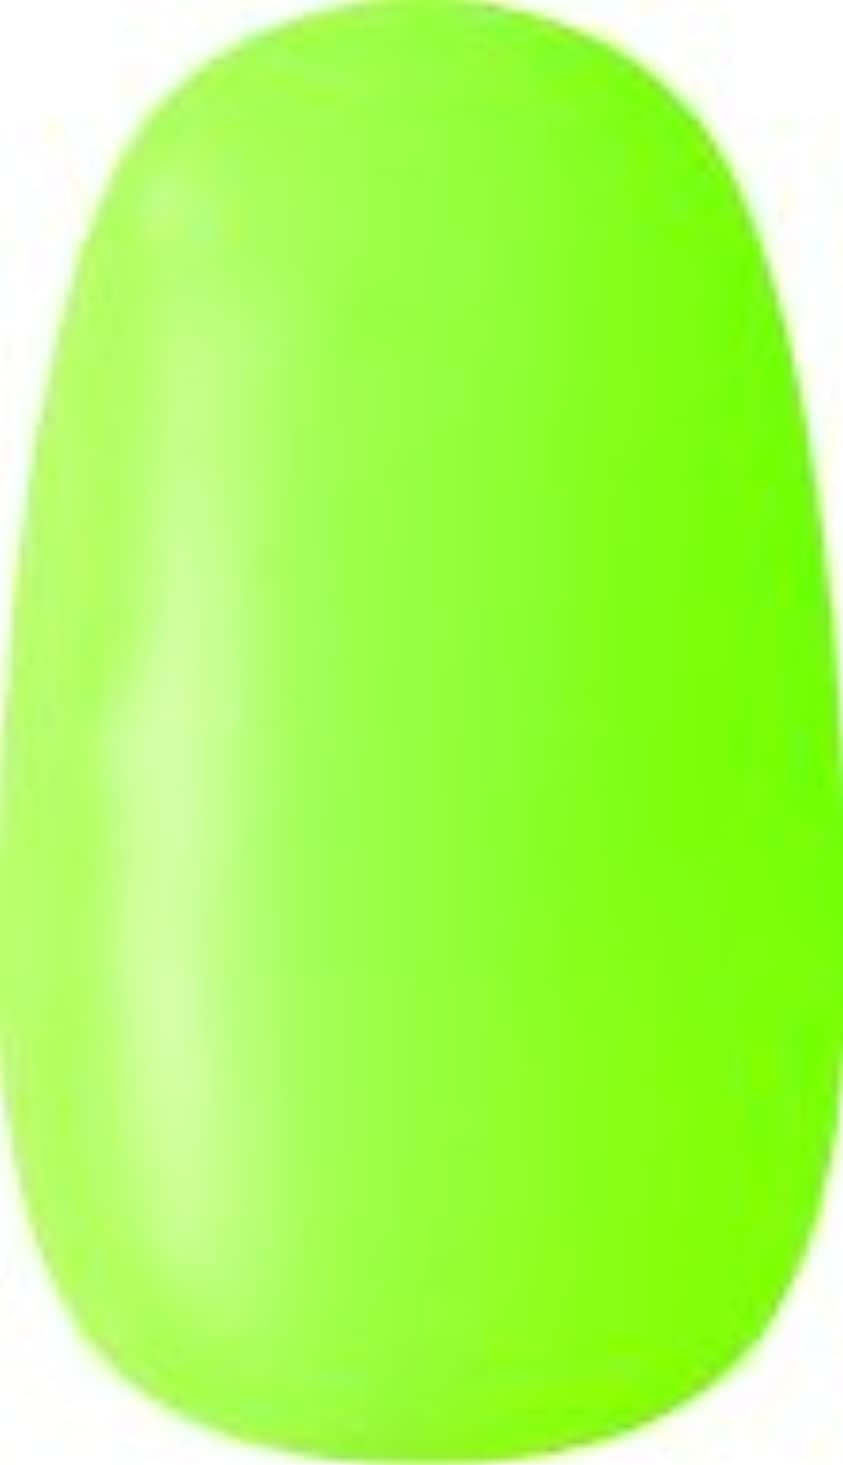 アノイ重大パテラク カラージェル(53-ネイオグリーン)8g 今話題のラクジェル 素早く仕上カラージェル 抜群の発色とツヤ 国産ポリッシュタイプ オールインワン ワンステップジェルネイル RAKU COLOR GEL #53